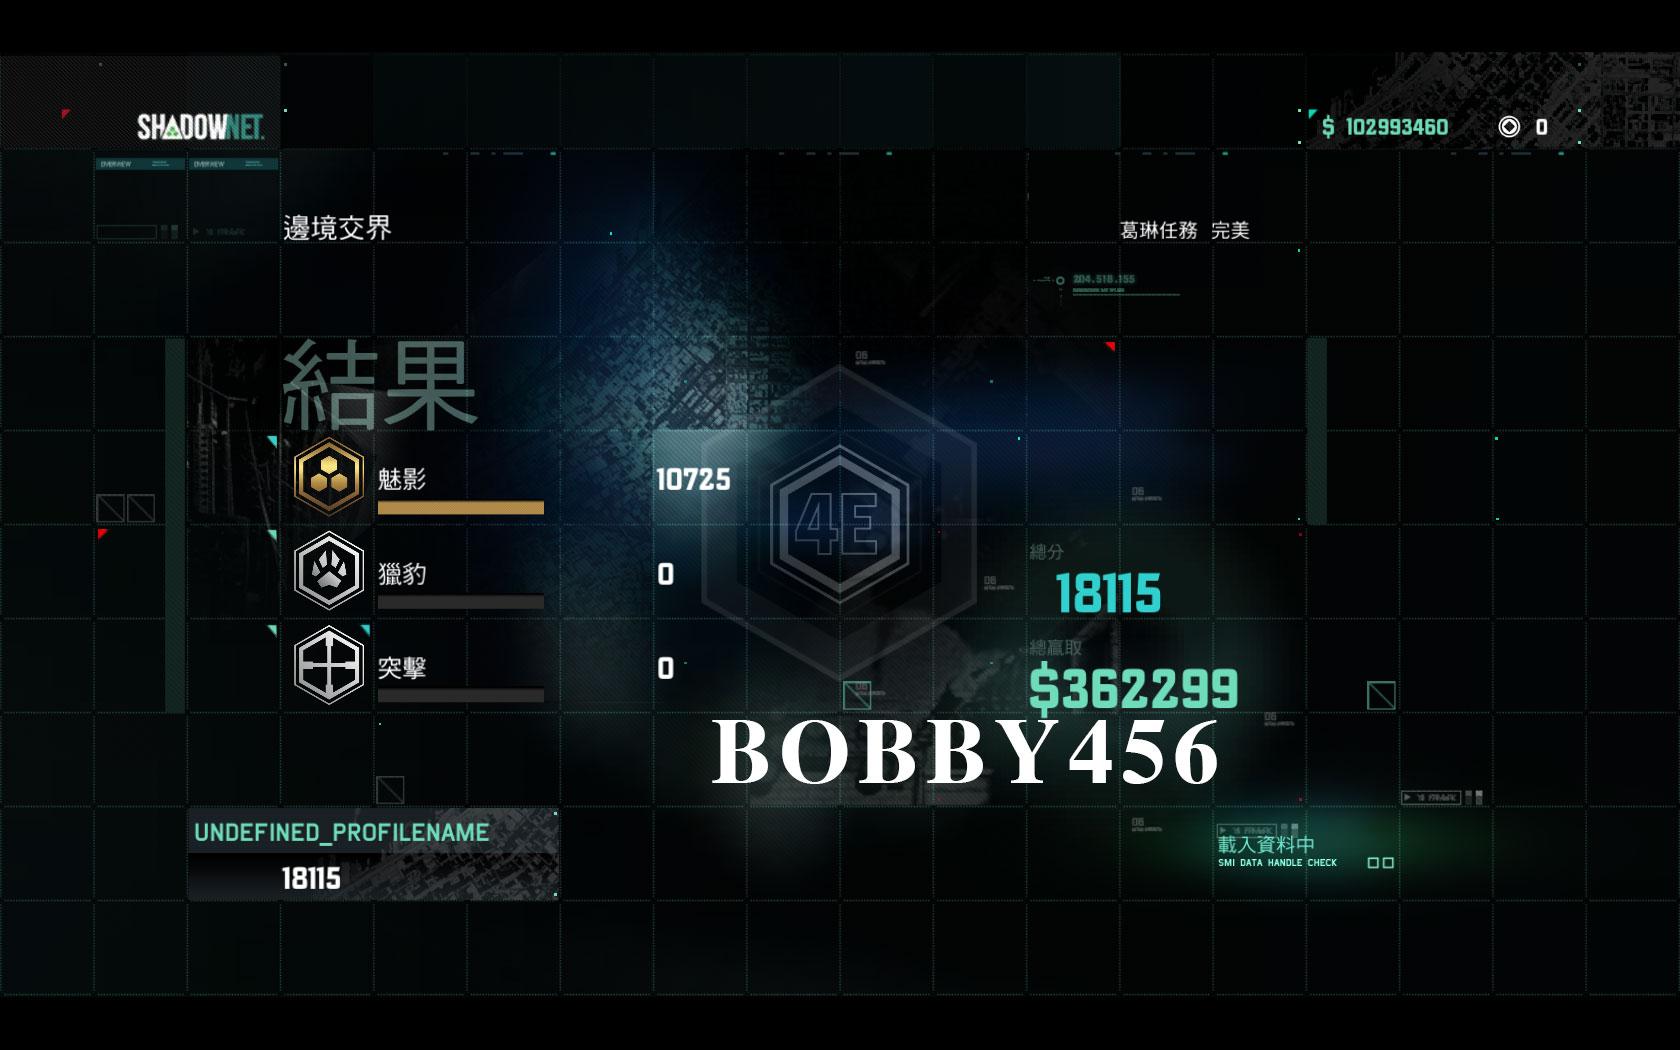 Blacklist_DX11_game-2013-09-03-16-02-22-26.jpg